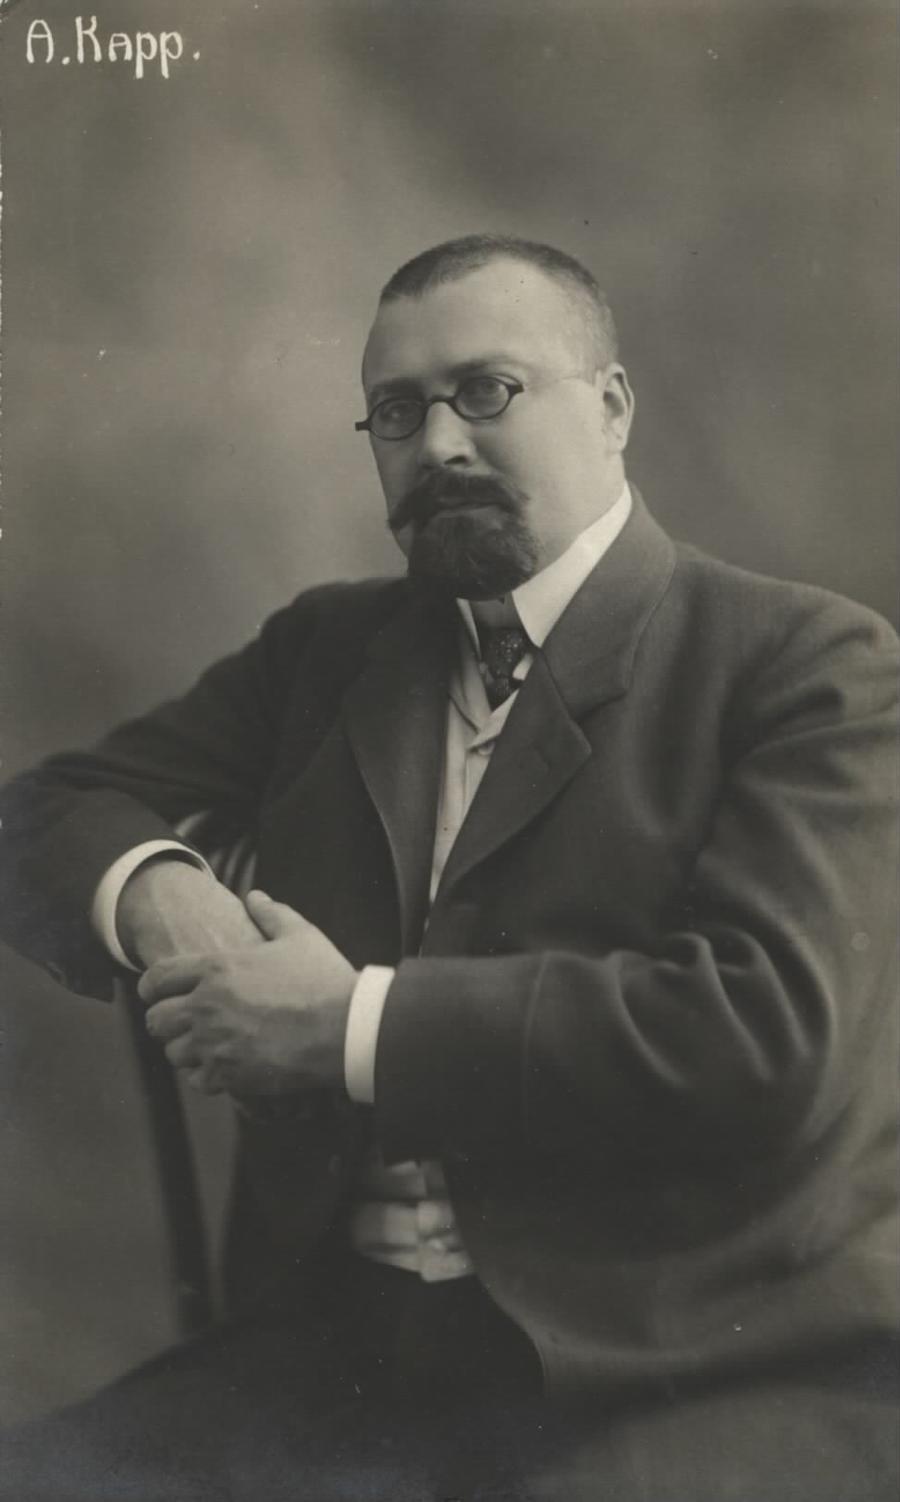 A. Kapp